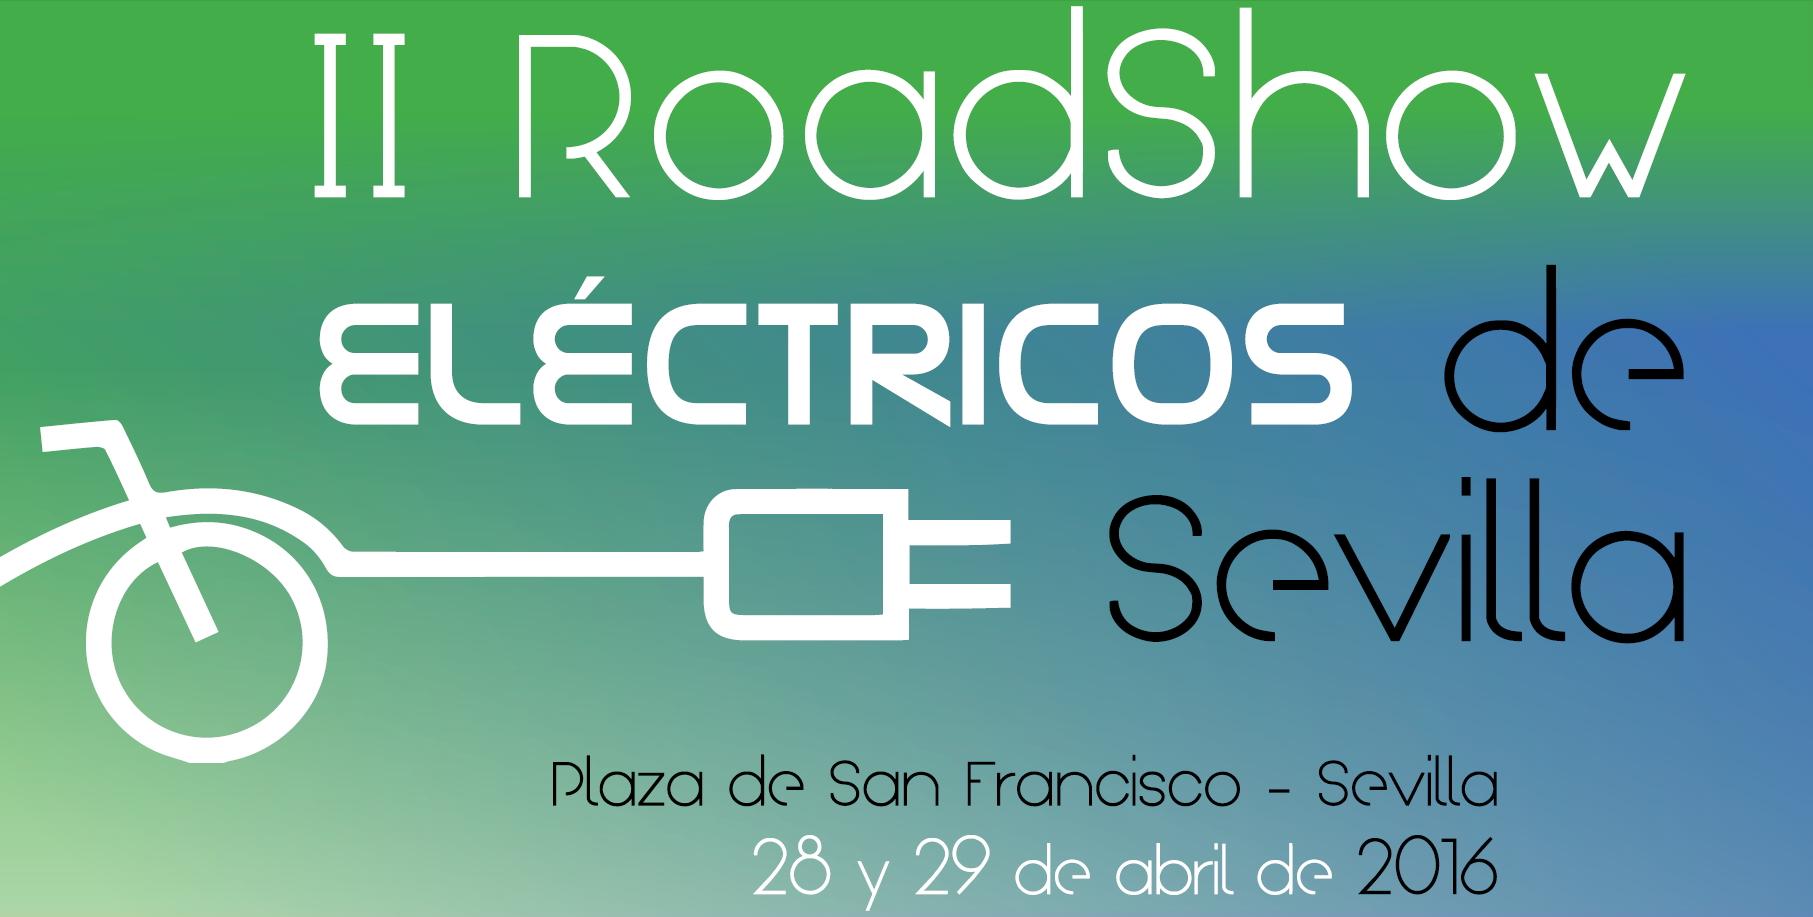 Cartel oficial del evento II Roadshow eléctricos de Sevilla